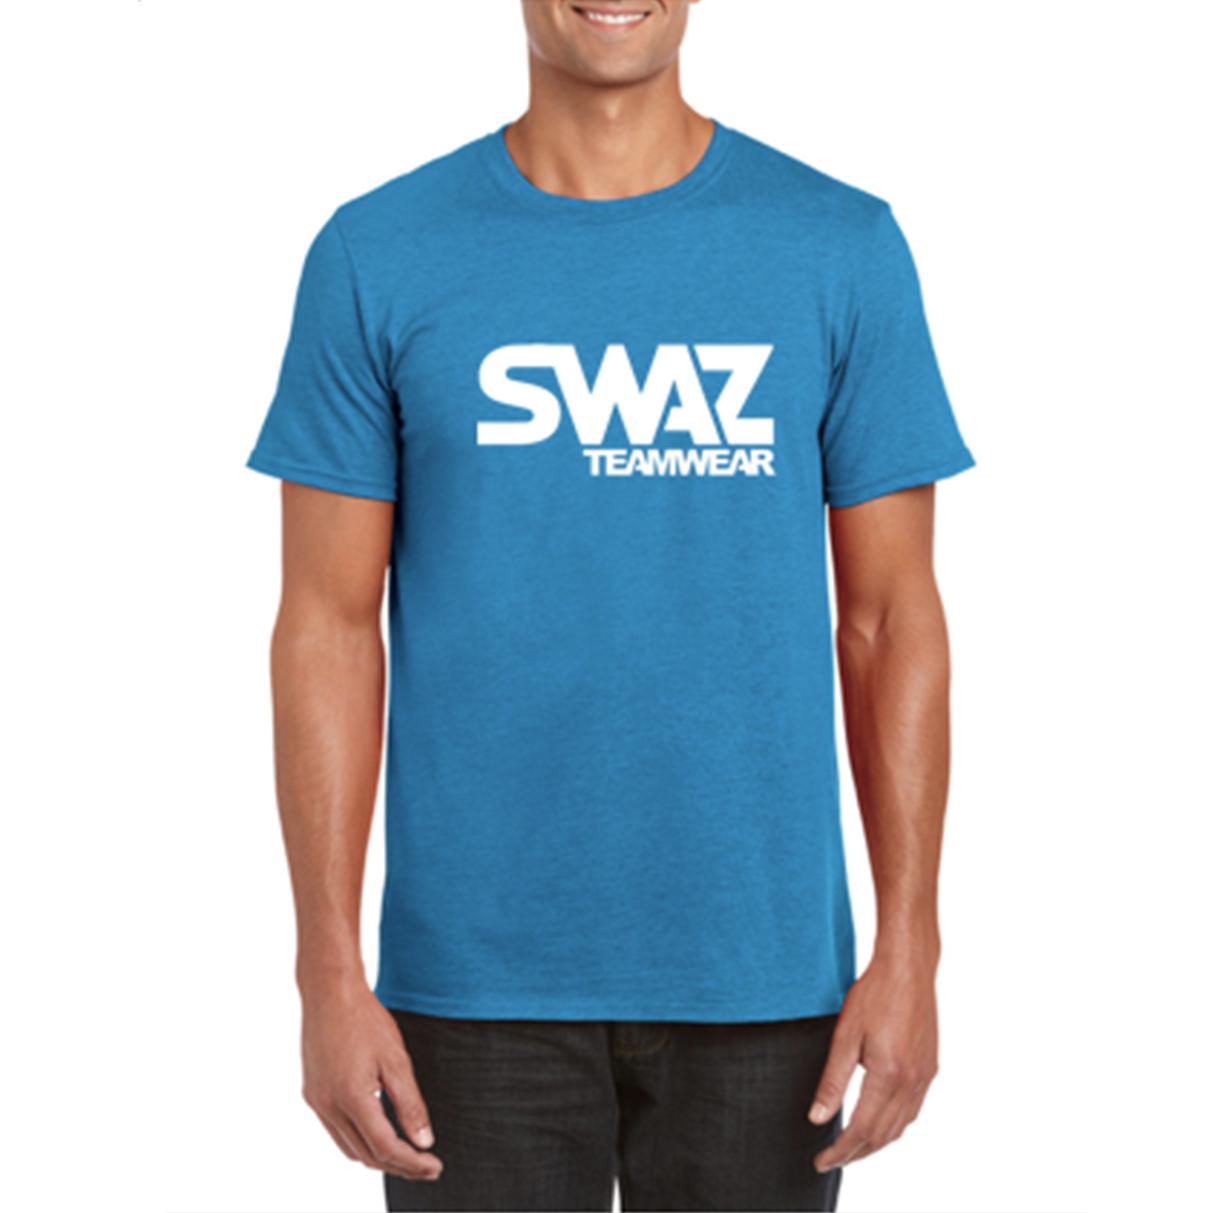 SWAZ Teamwear Antique Sapphire Classic T-Shirt